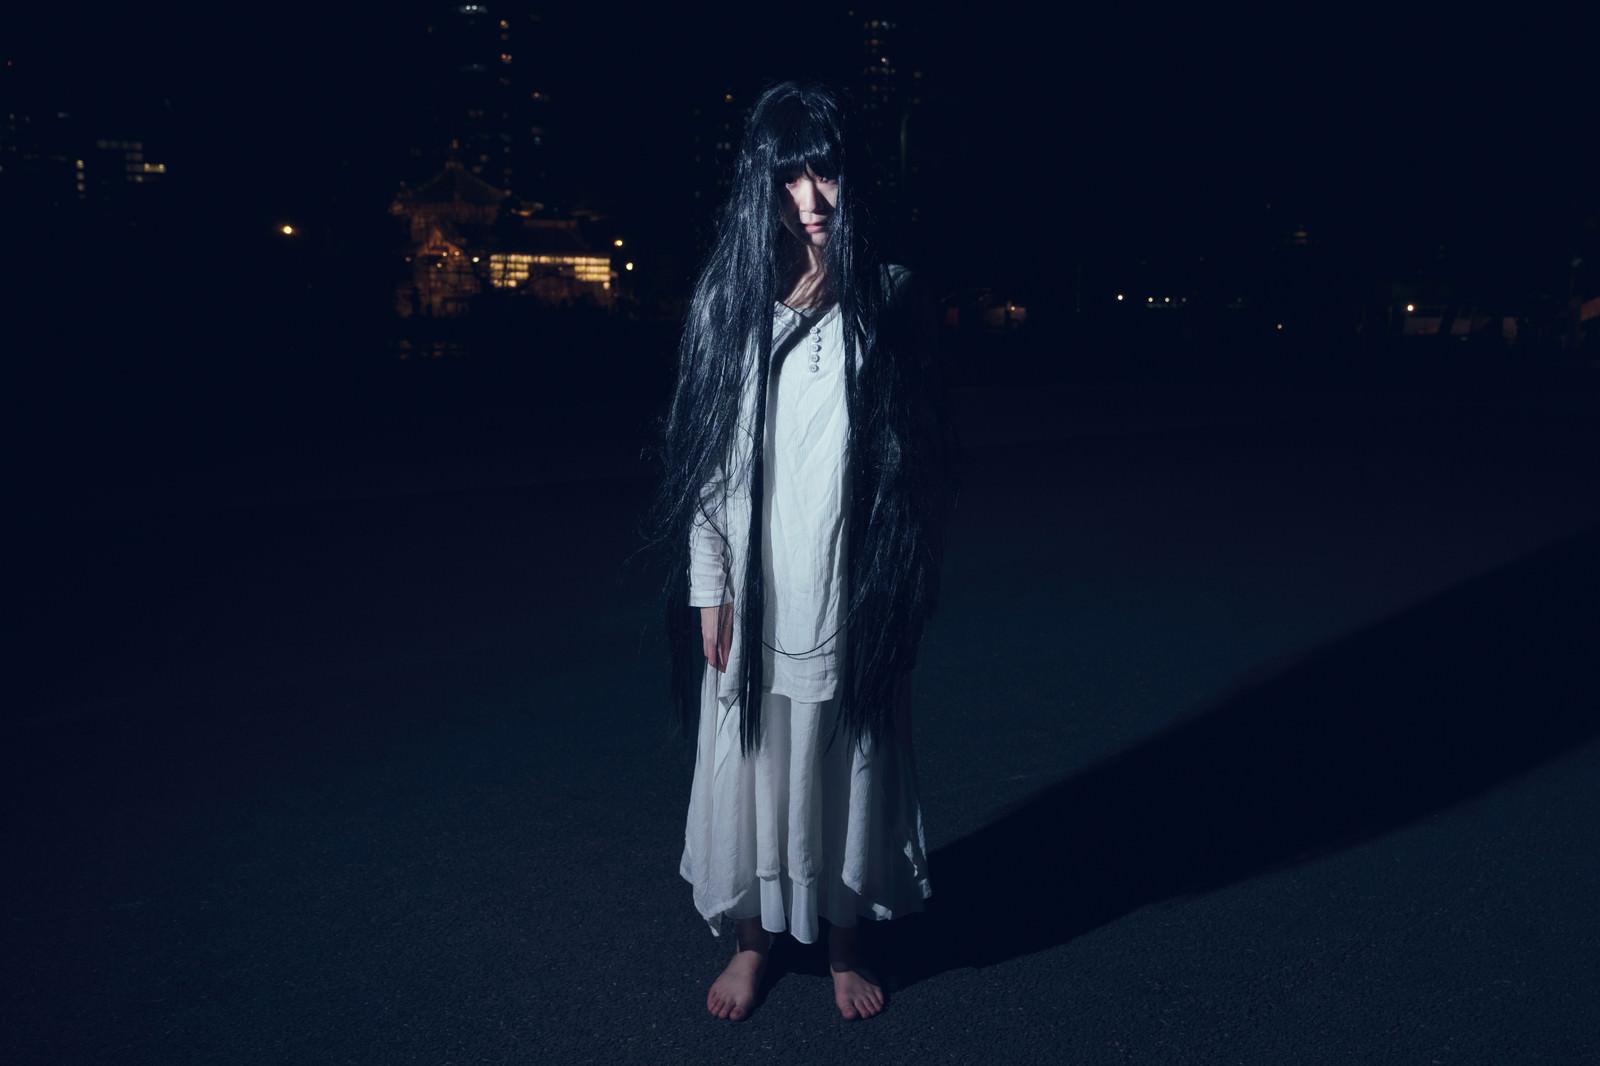 「だらんと伸ばした長い髪の幽霊女性だらんと伸ばした長い髪の幽霊女性」[モデル:緋真煉]のフリー写真素材を拡大